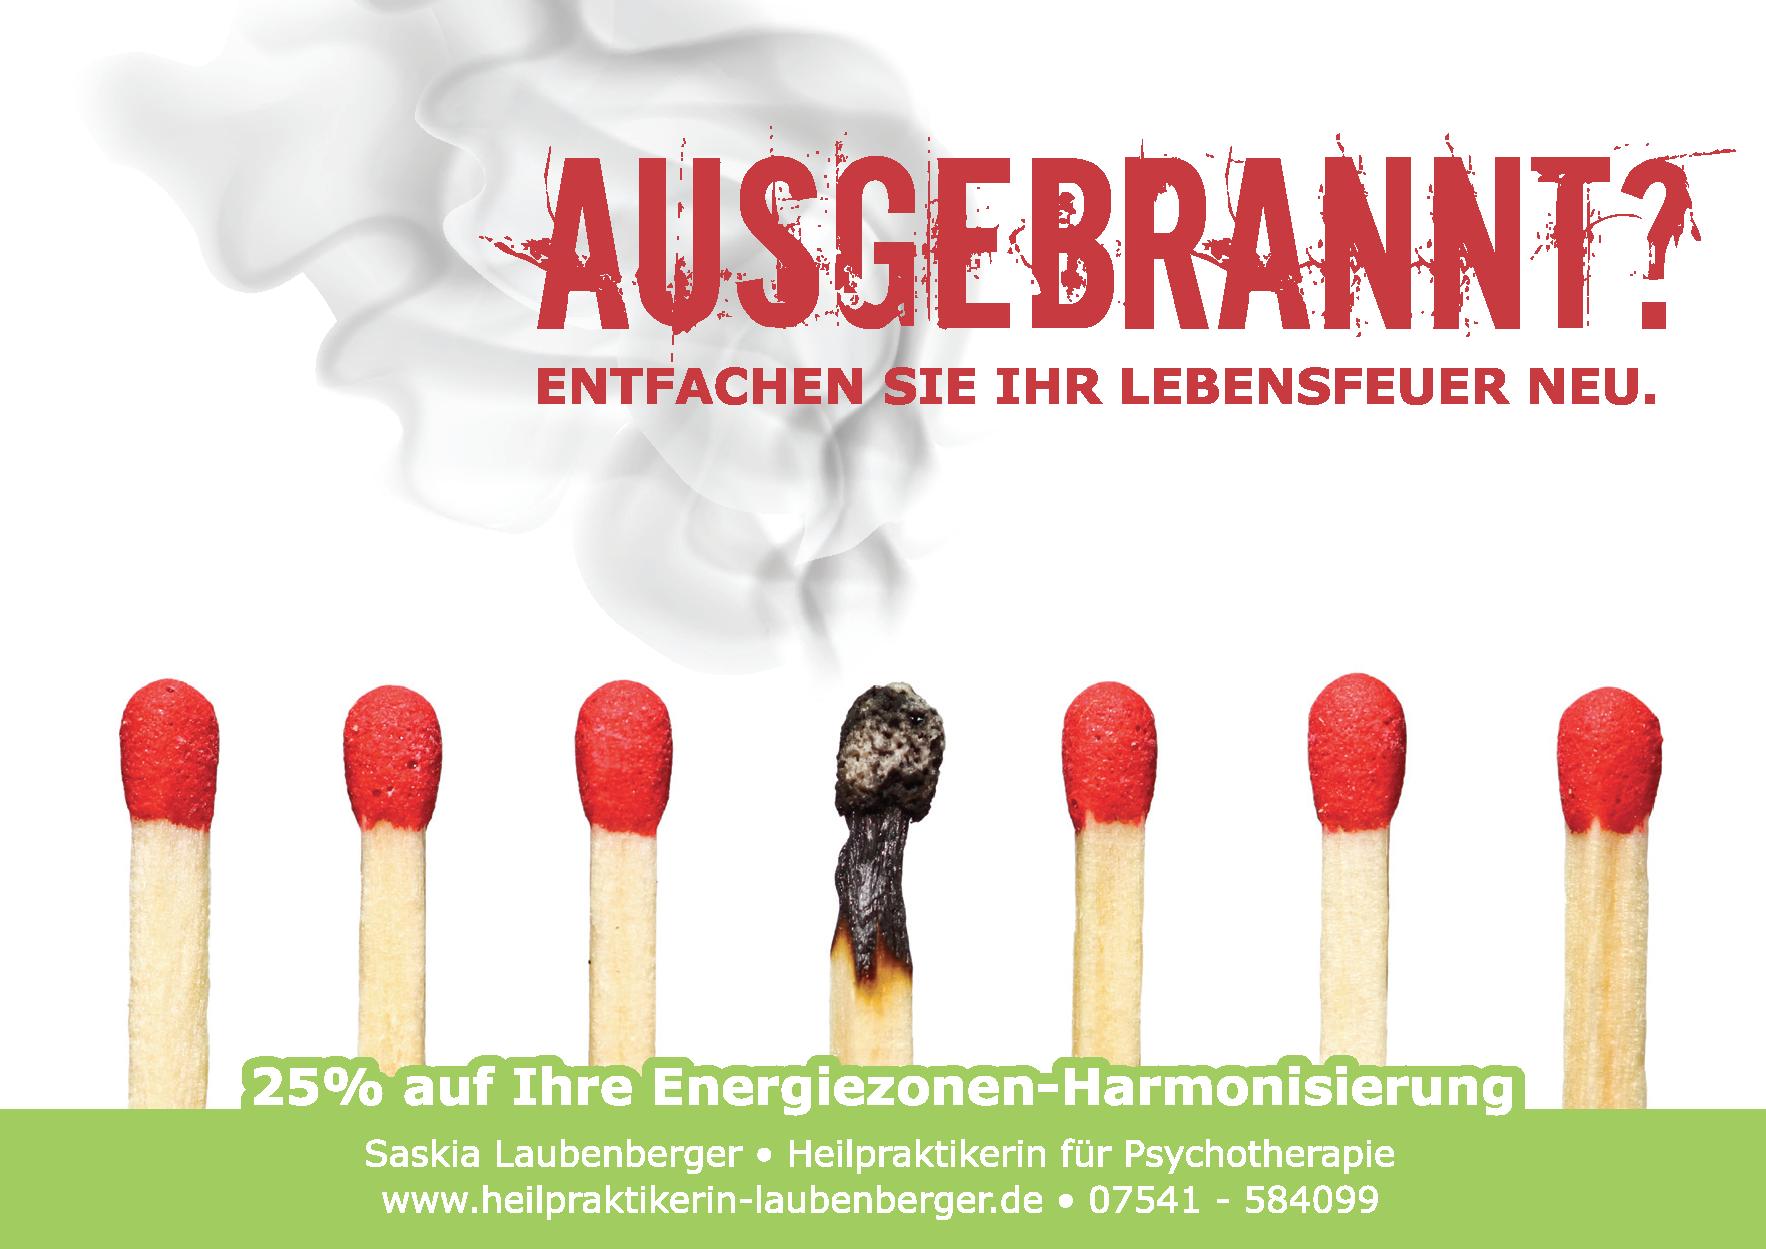 Ausgebrannt? 25% auf Ihre Energiezonen-Harmonisierung